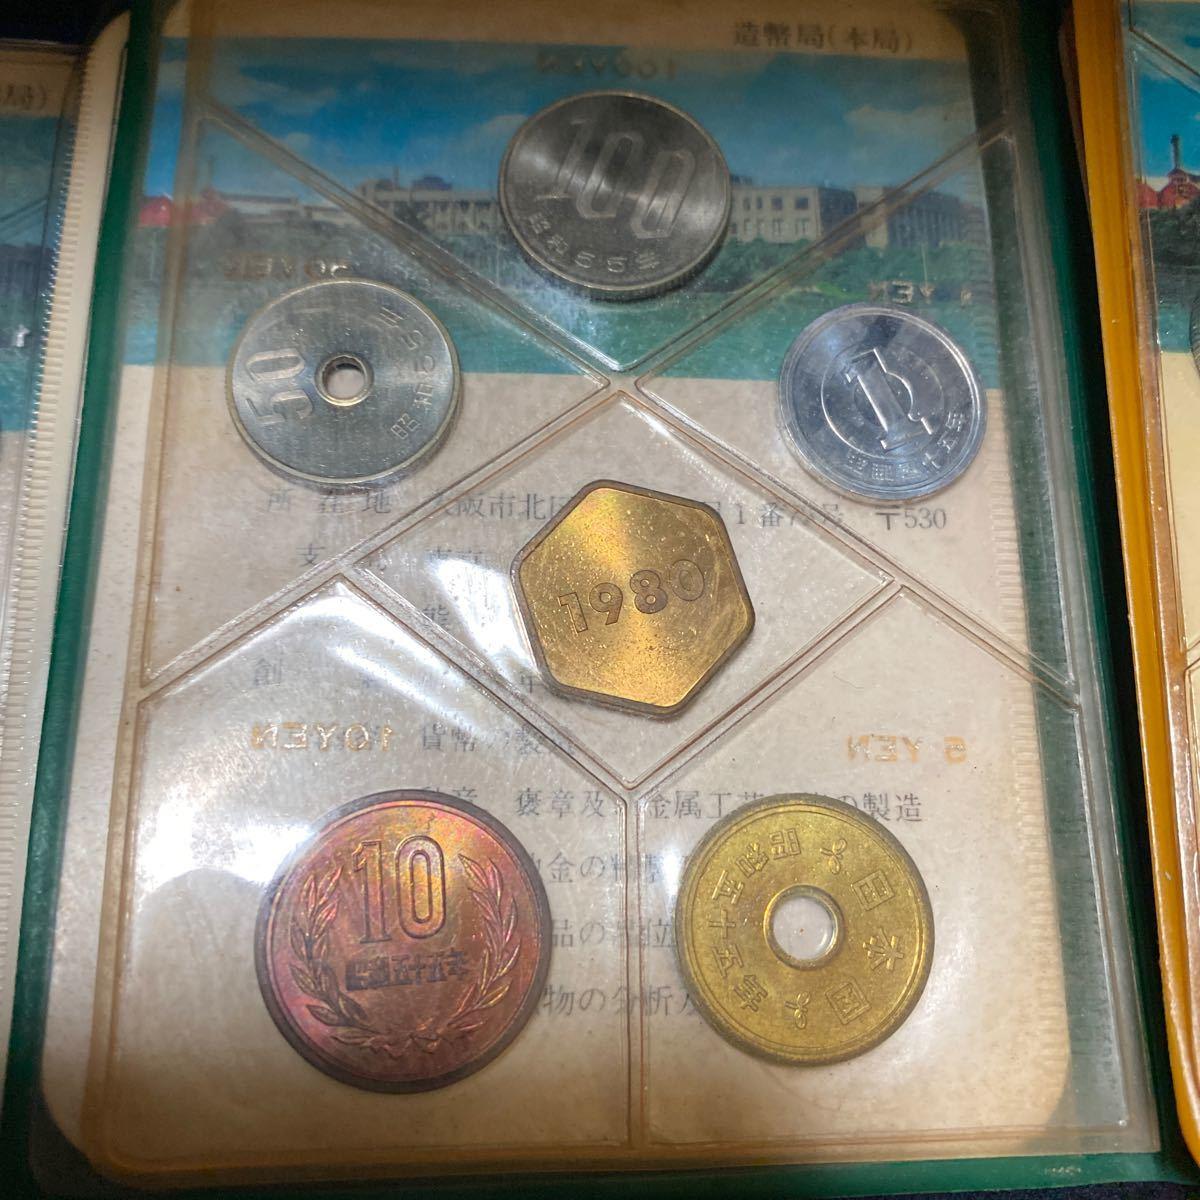 貨幣セット 昭和52年53年55年56年ミントコインです。(ゆうパック着払い)_画像5